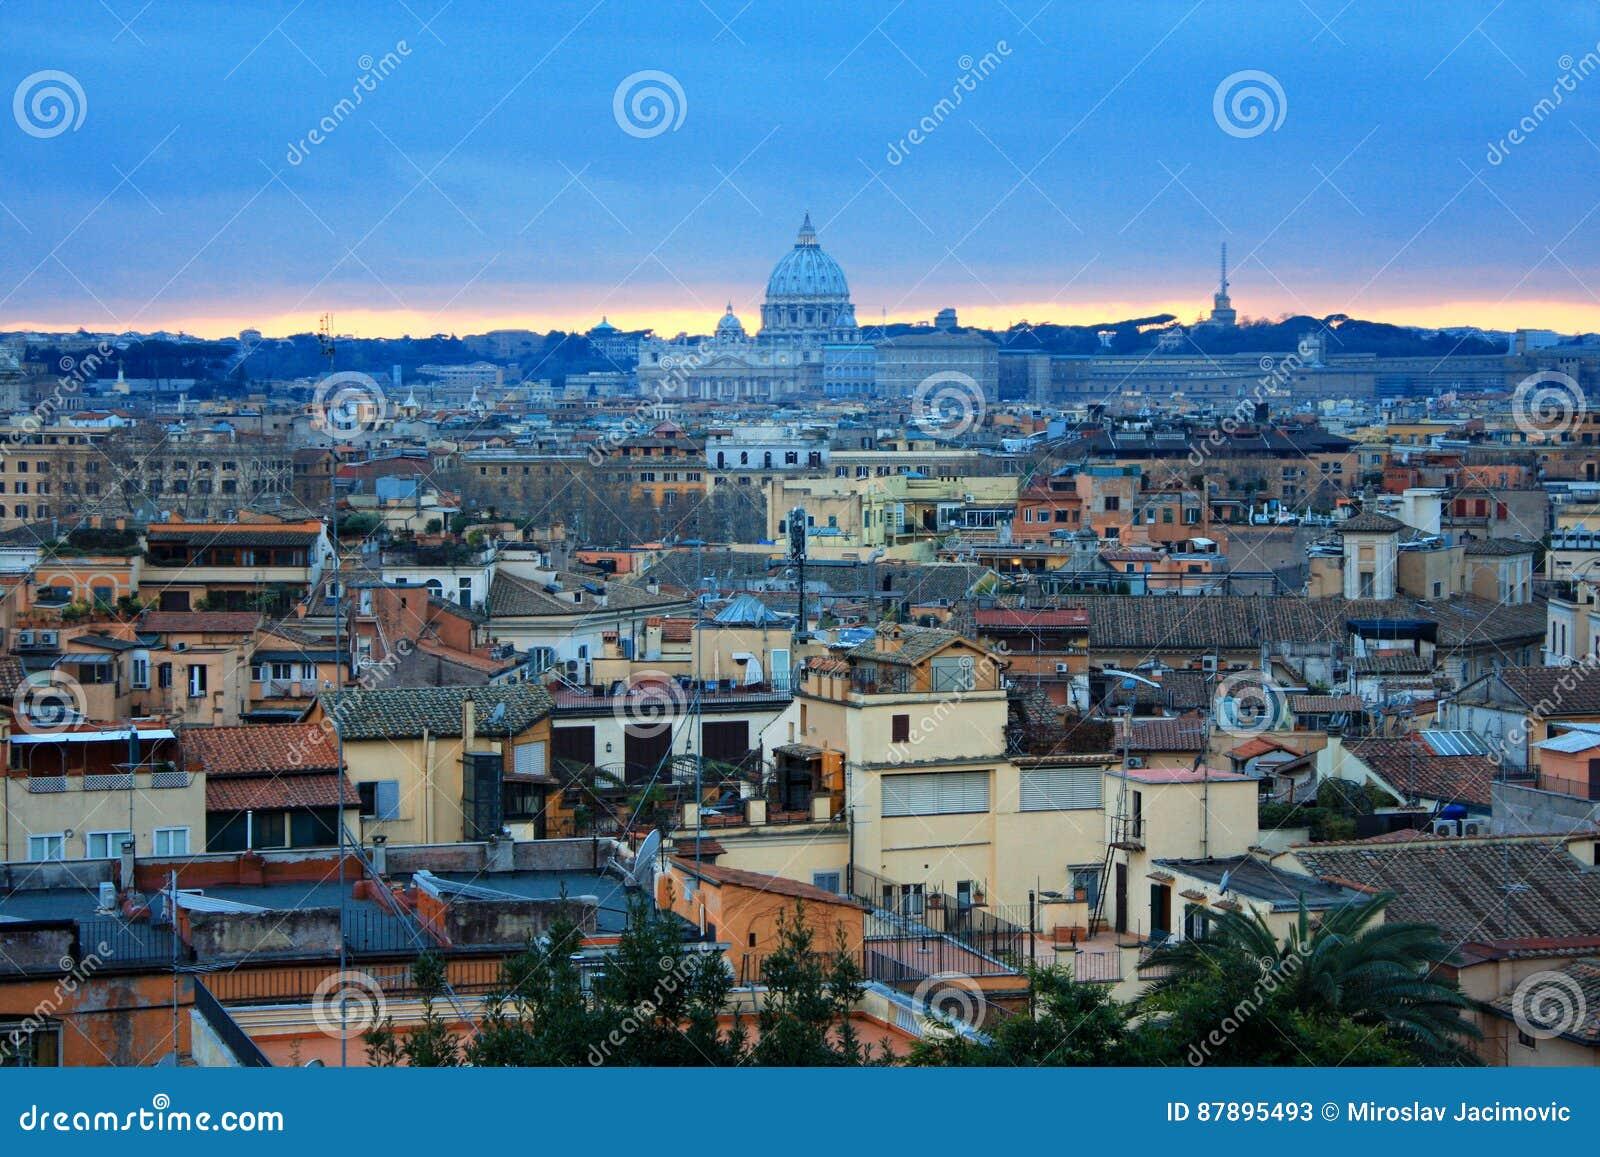 555e40bb95 Bello Panorama Vibrante Di Immagine Di Notte Di Roma Immagine Stock ...